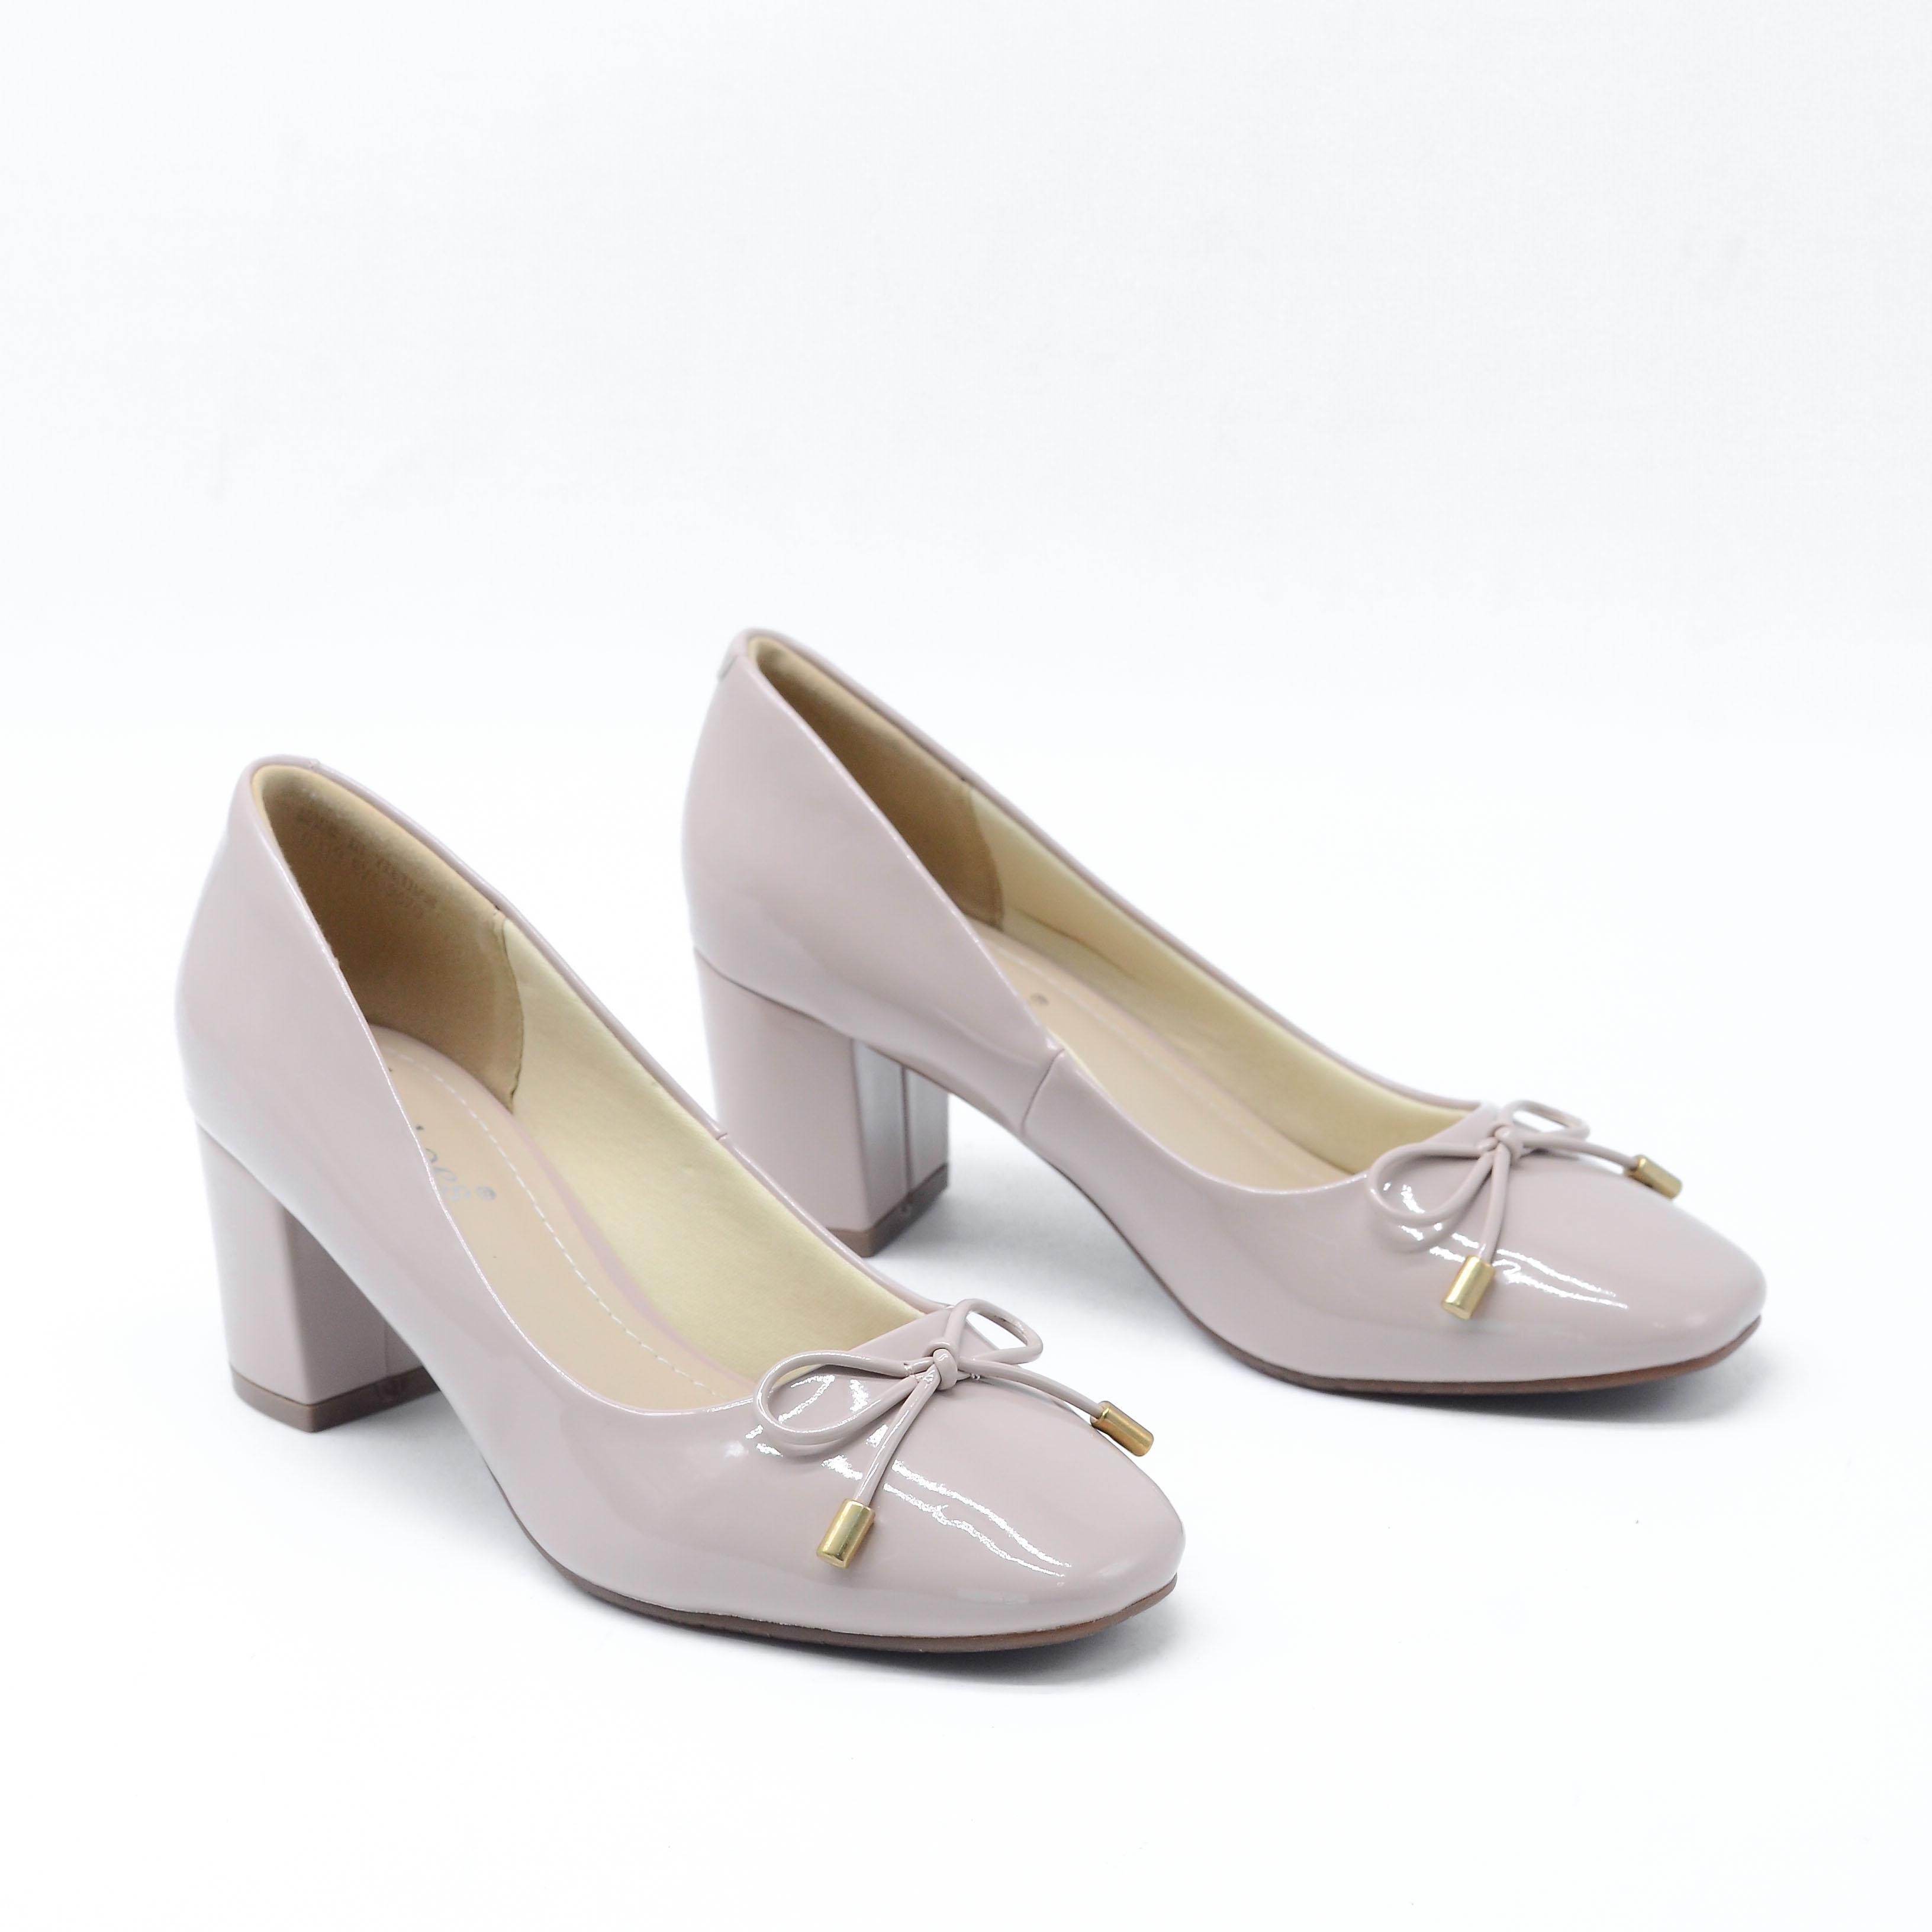 Giày Cao Gót Da Bóng Mũi Vuông Phối Nơ 6cm Evashoes - Eva9670(Màu Đen, Kem)